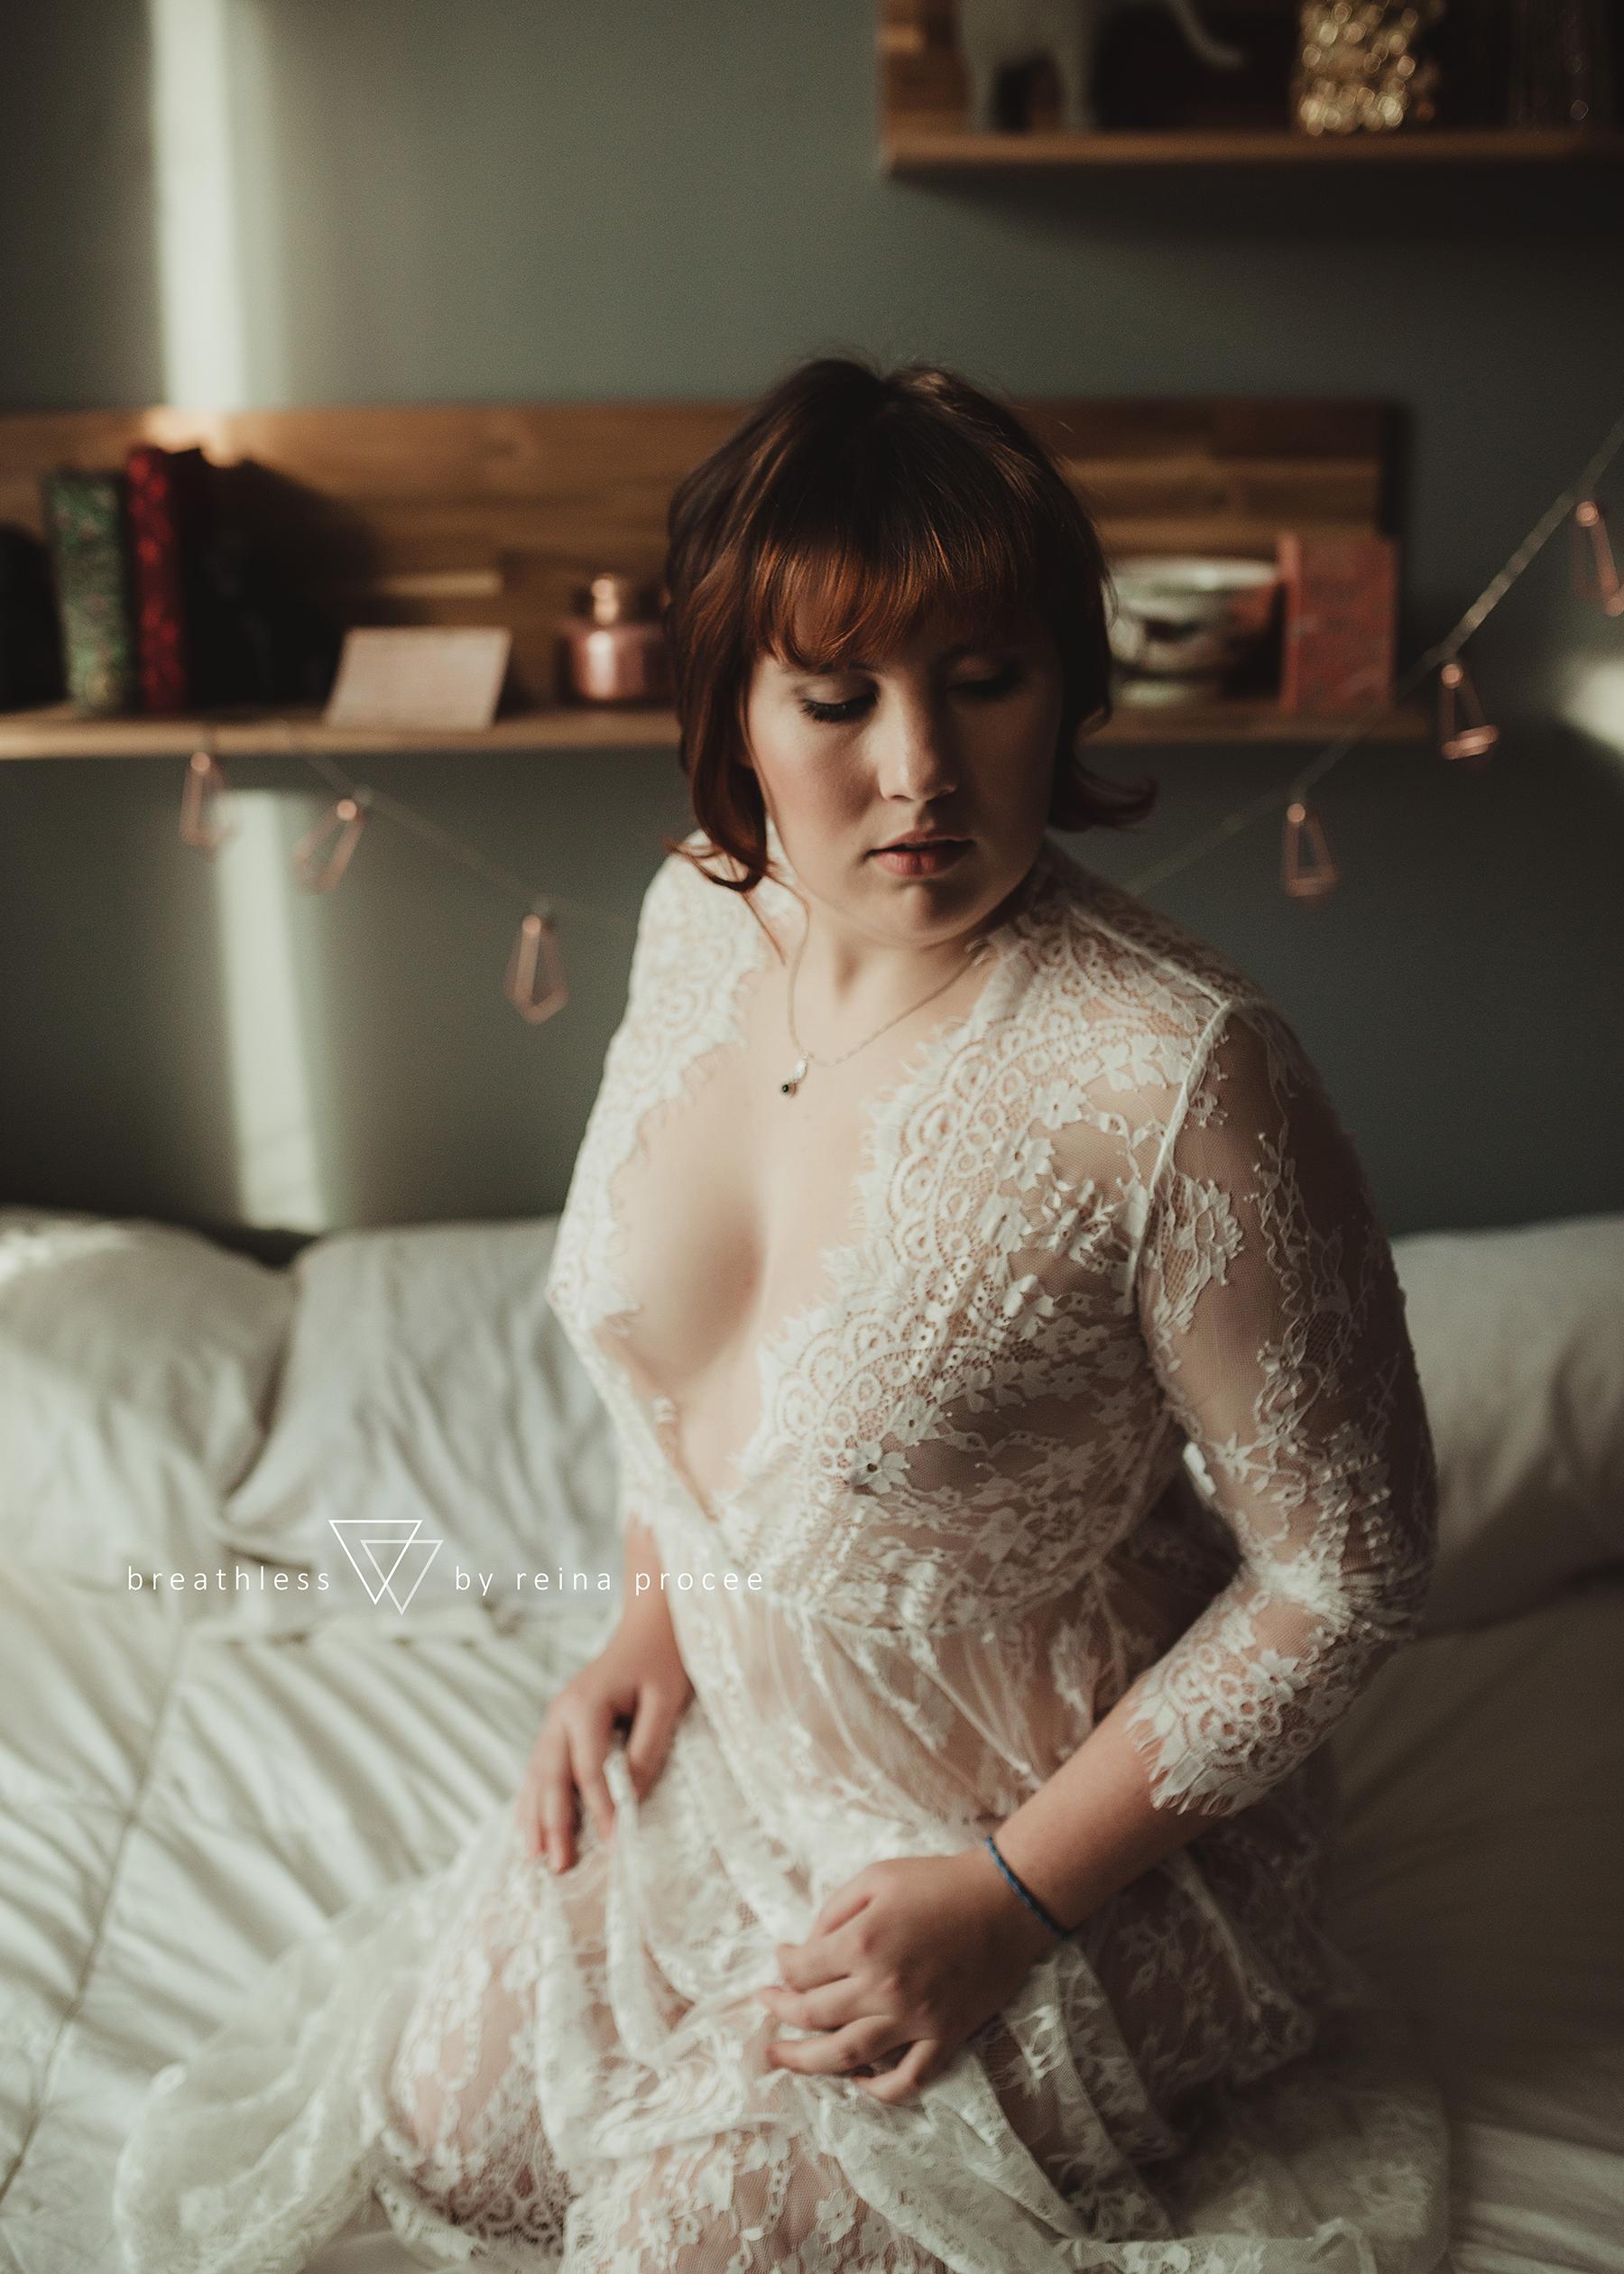 boudoir-erotic-pictures-photos-montreal-quebec-beauty-portrait-shots-7.png